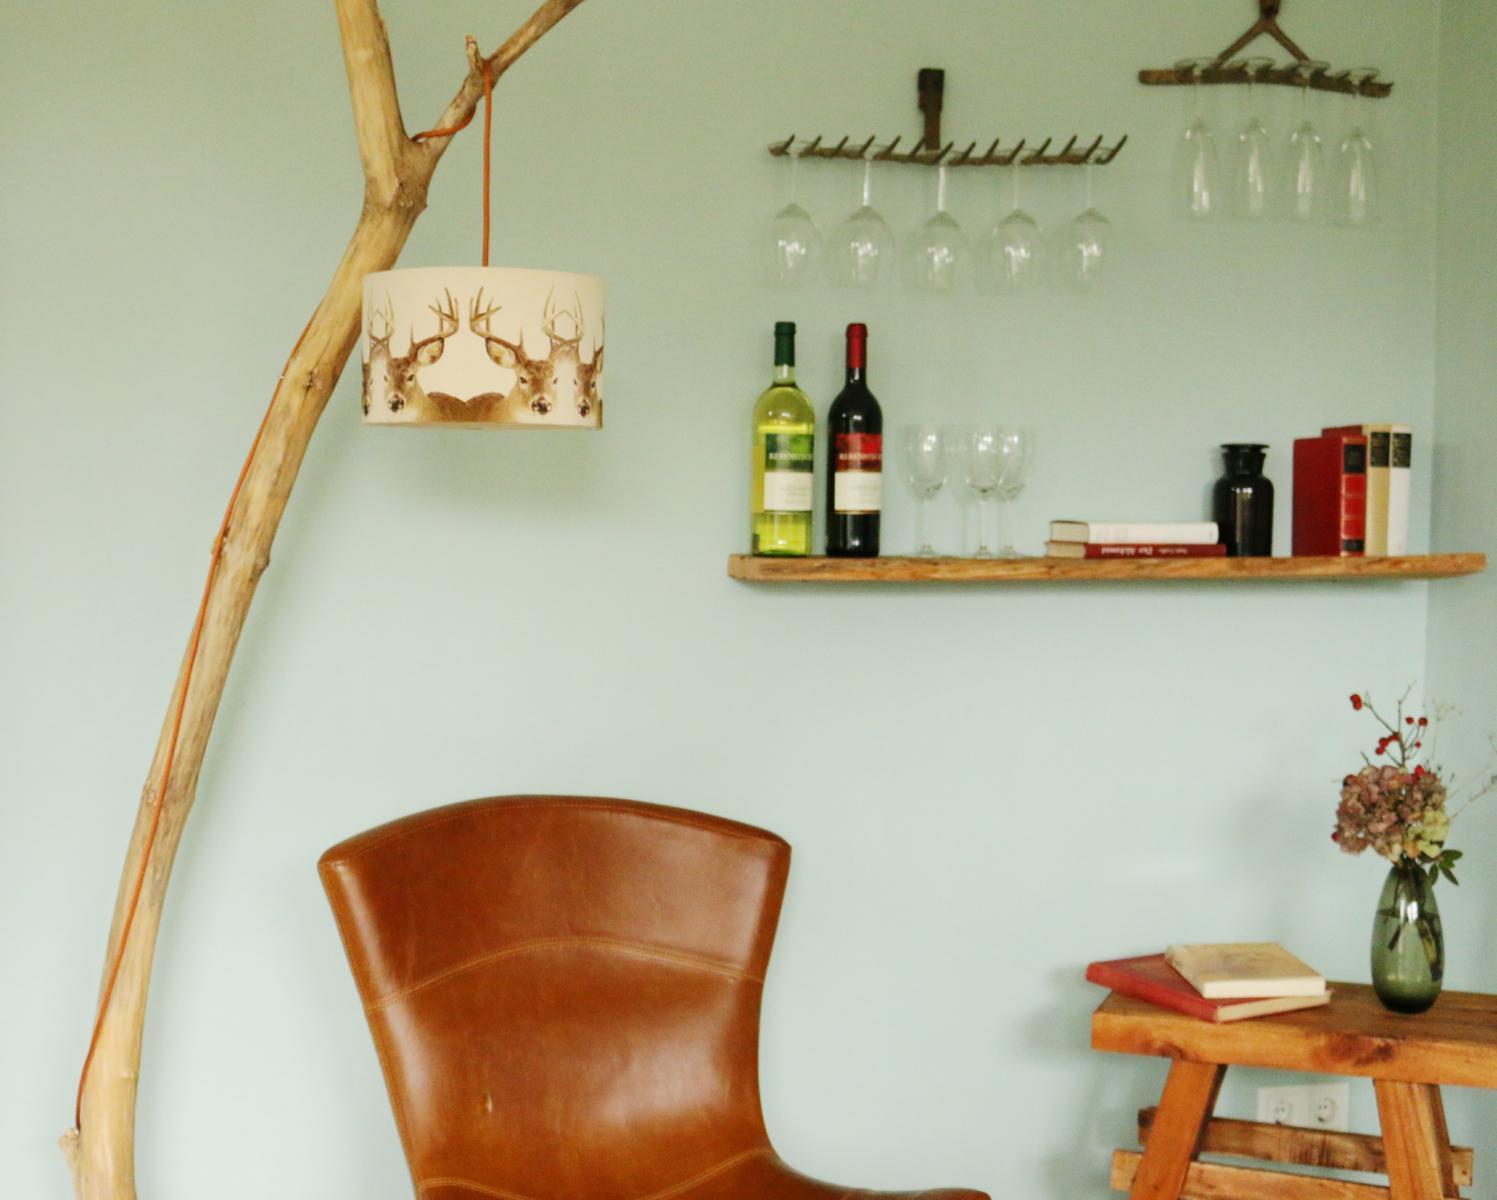 Weinglashalter-Weingläser-aufhängen aus einer gartenharke